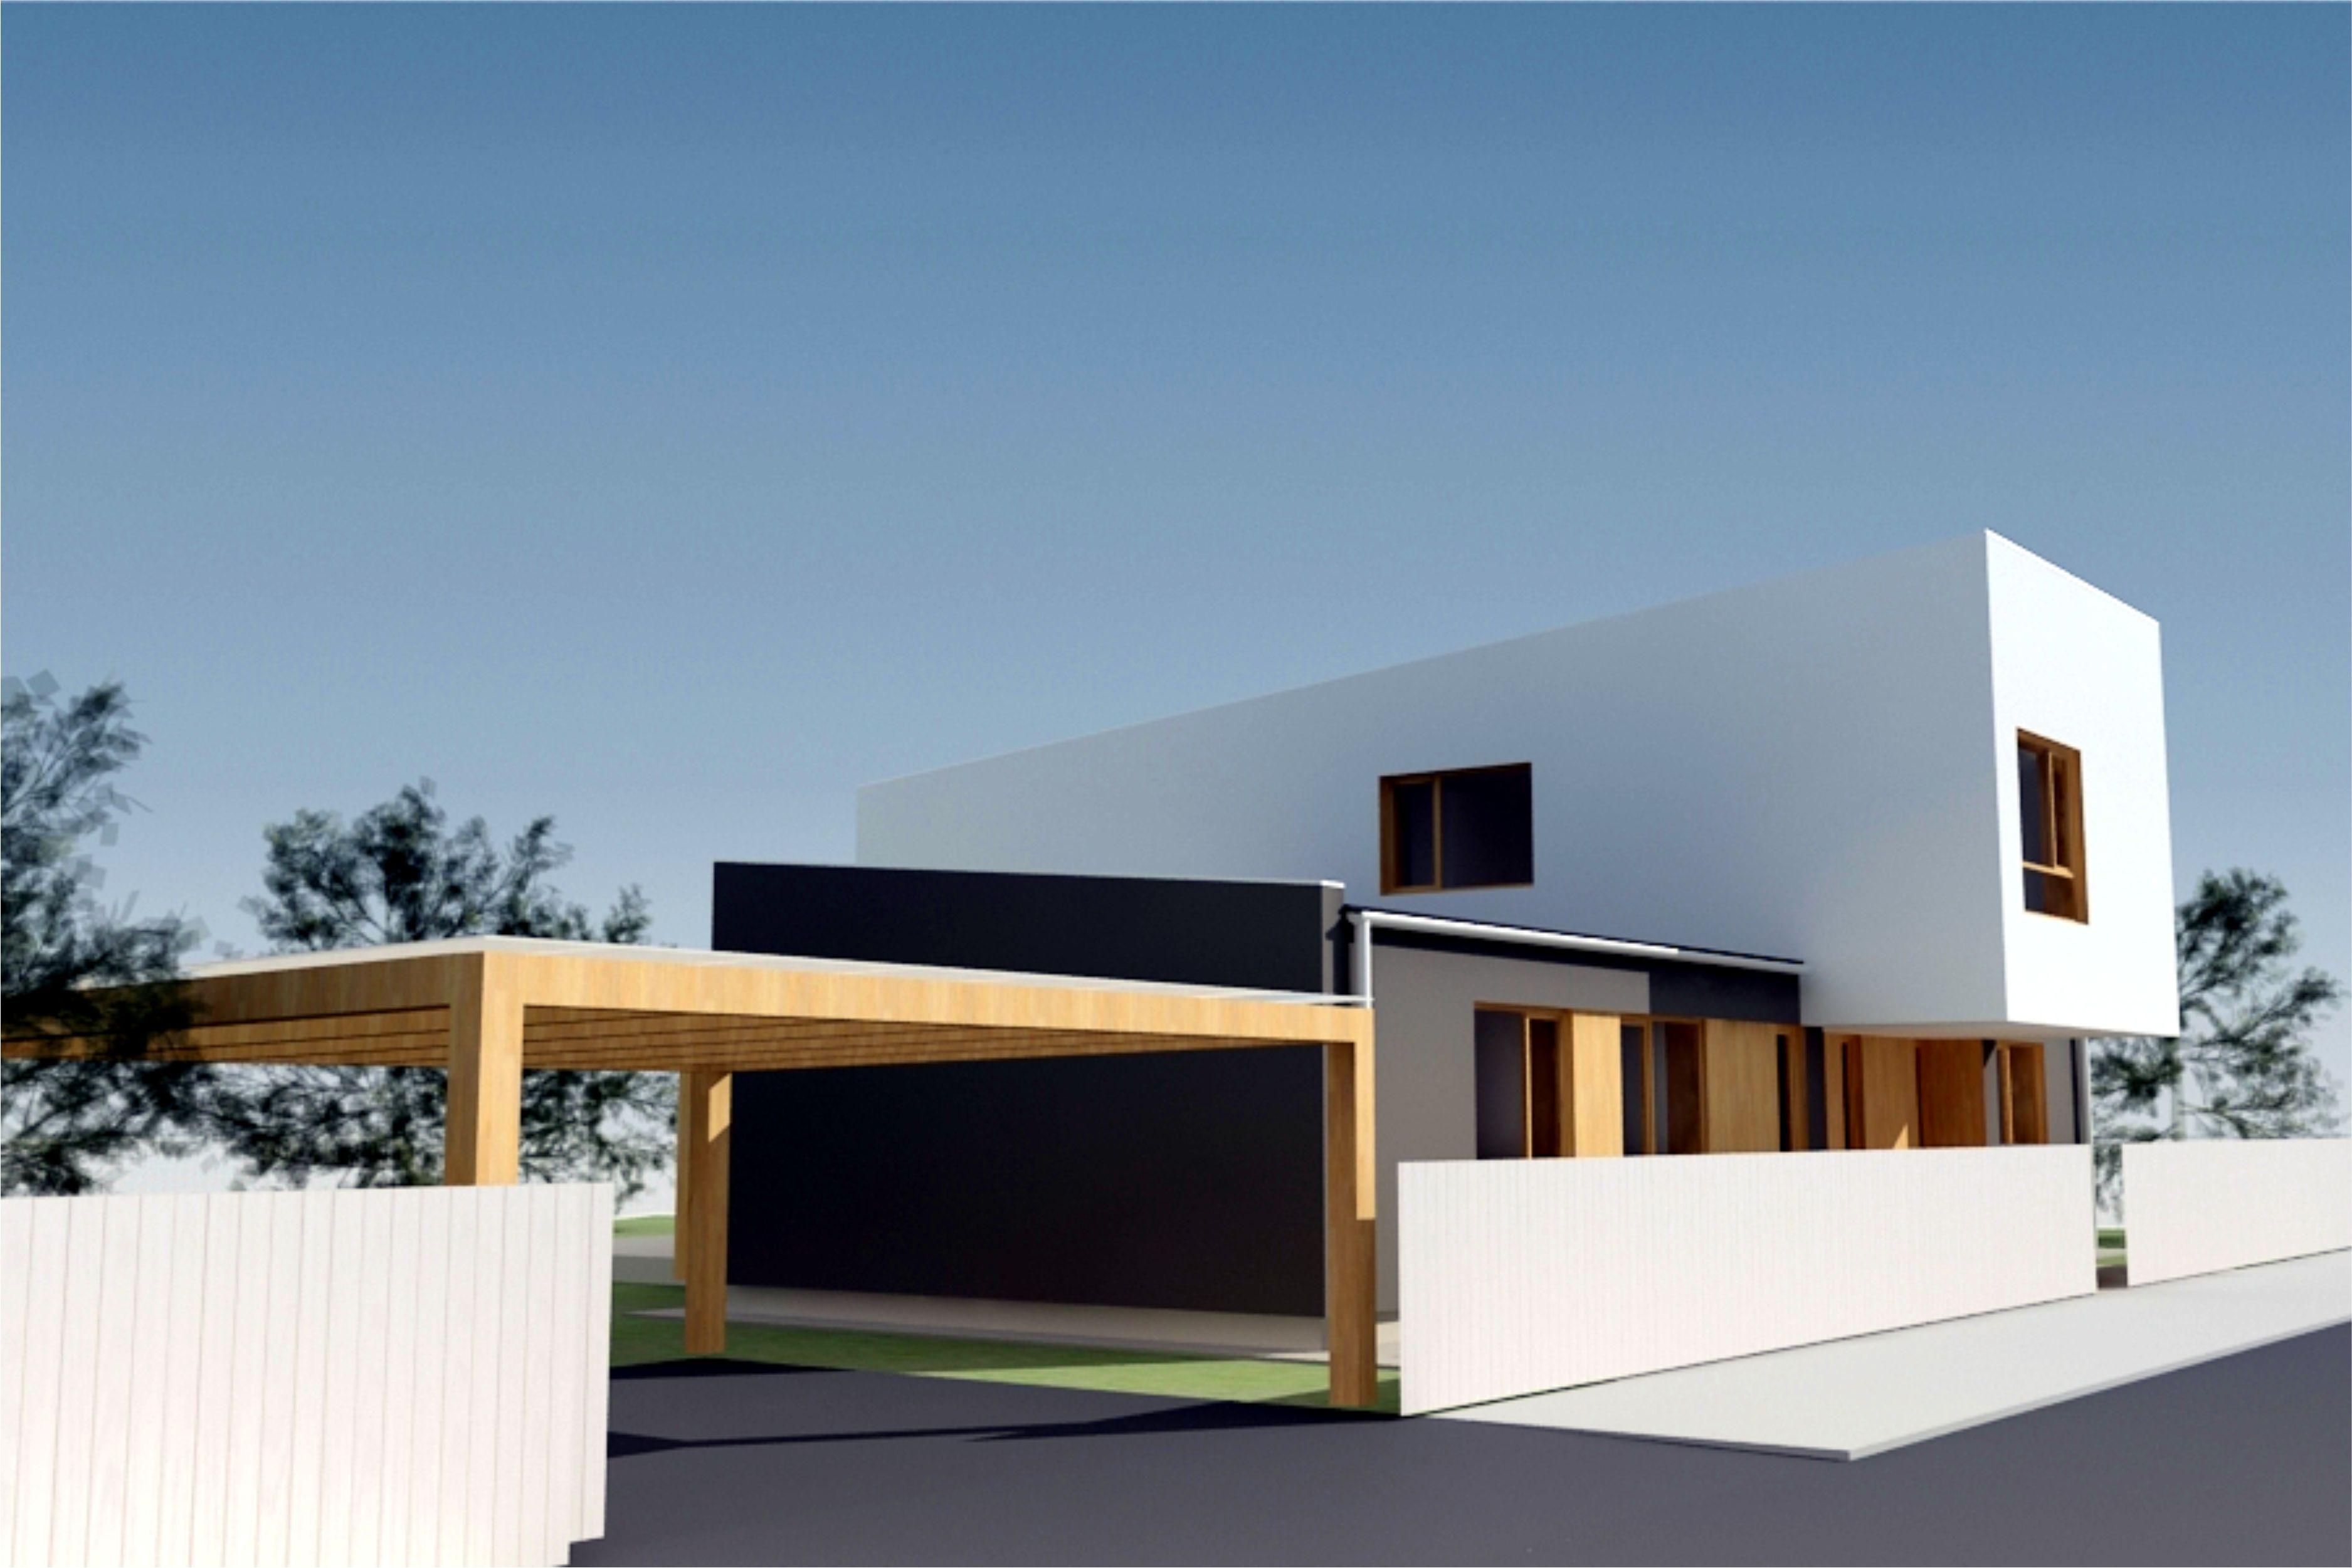 Projekt stavby rodinného domu IV 06